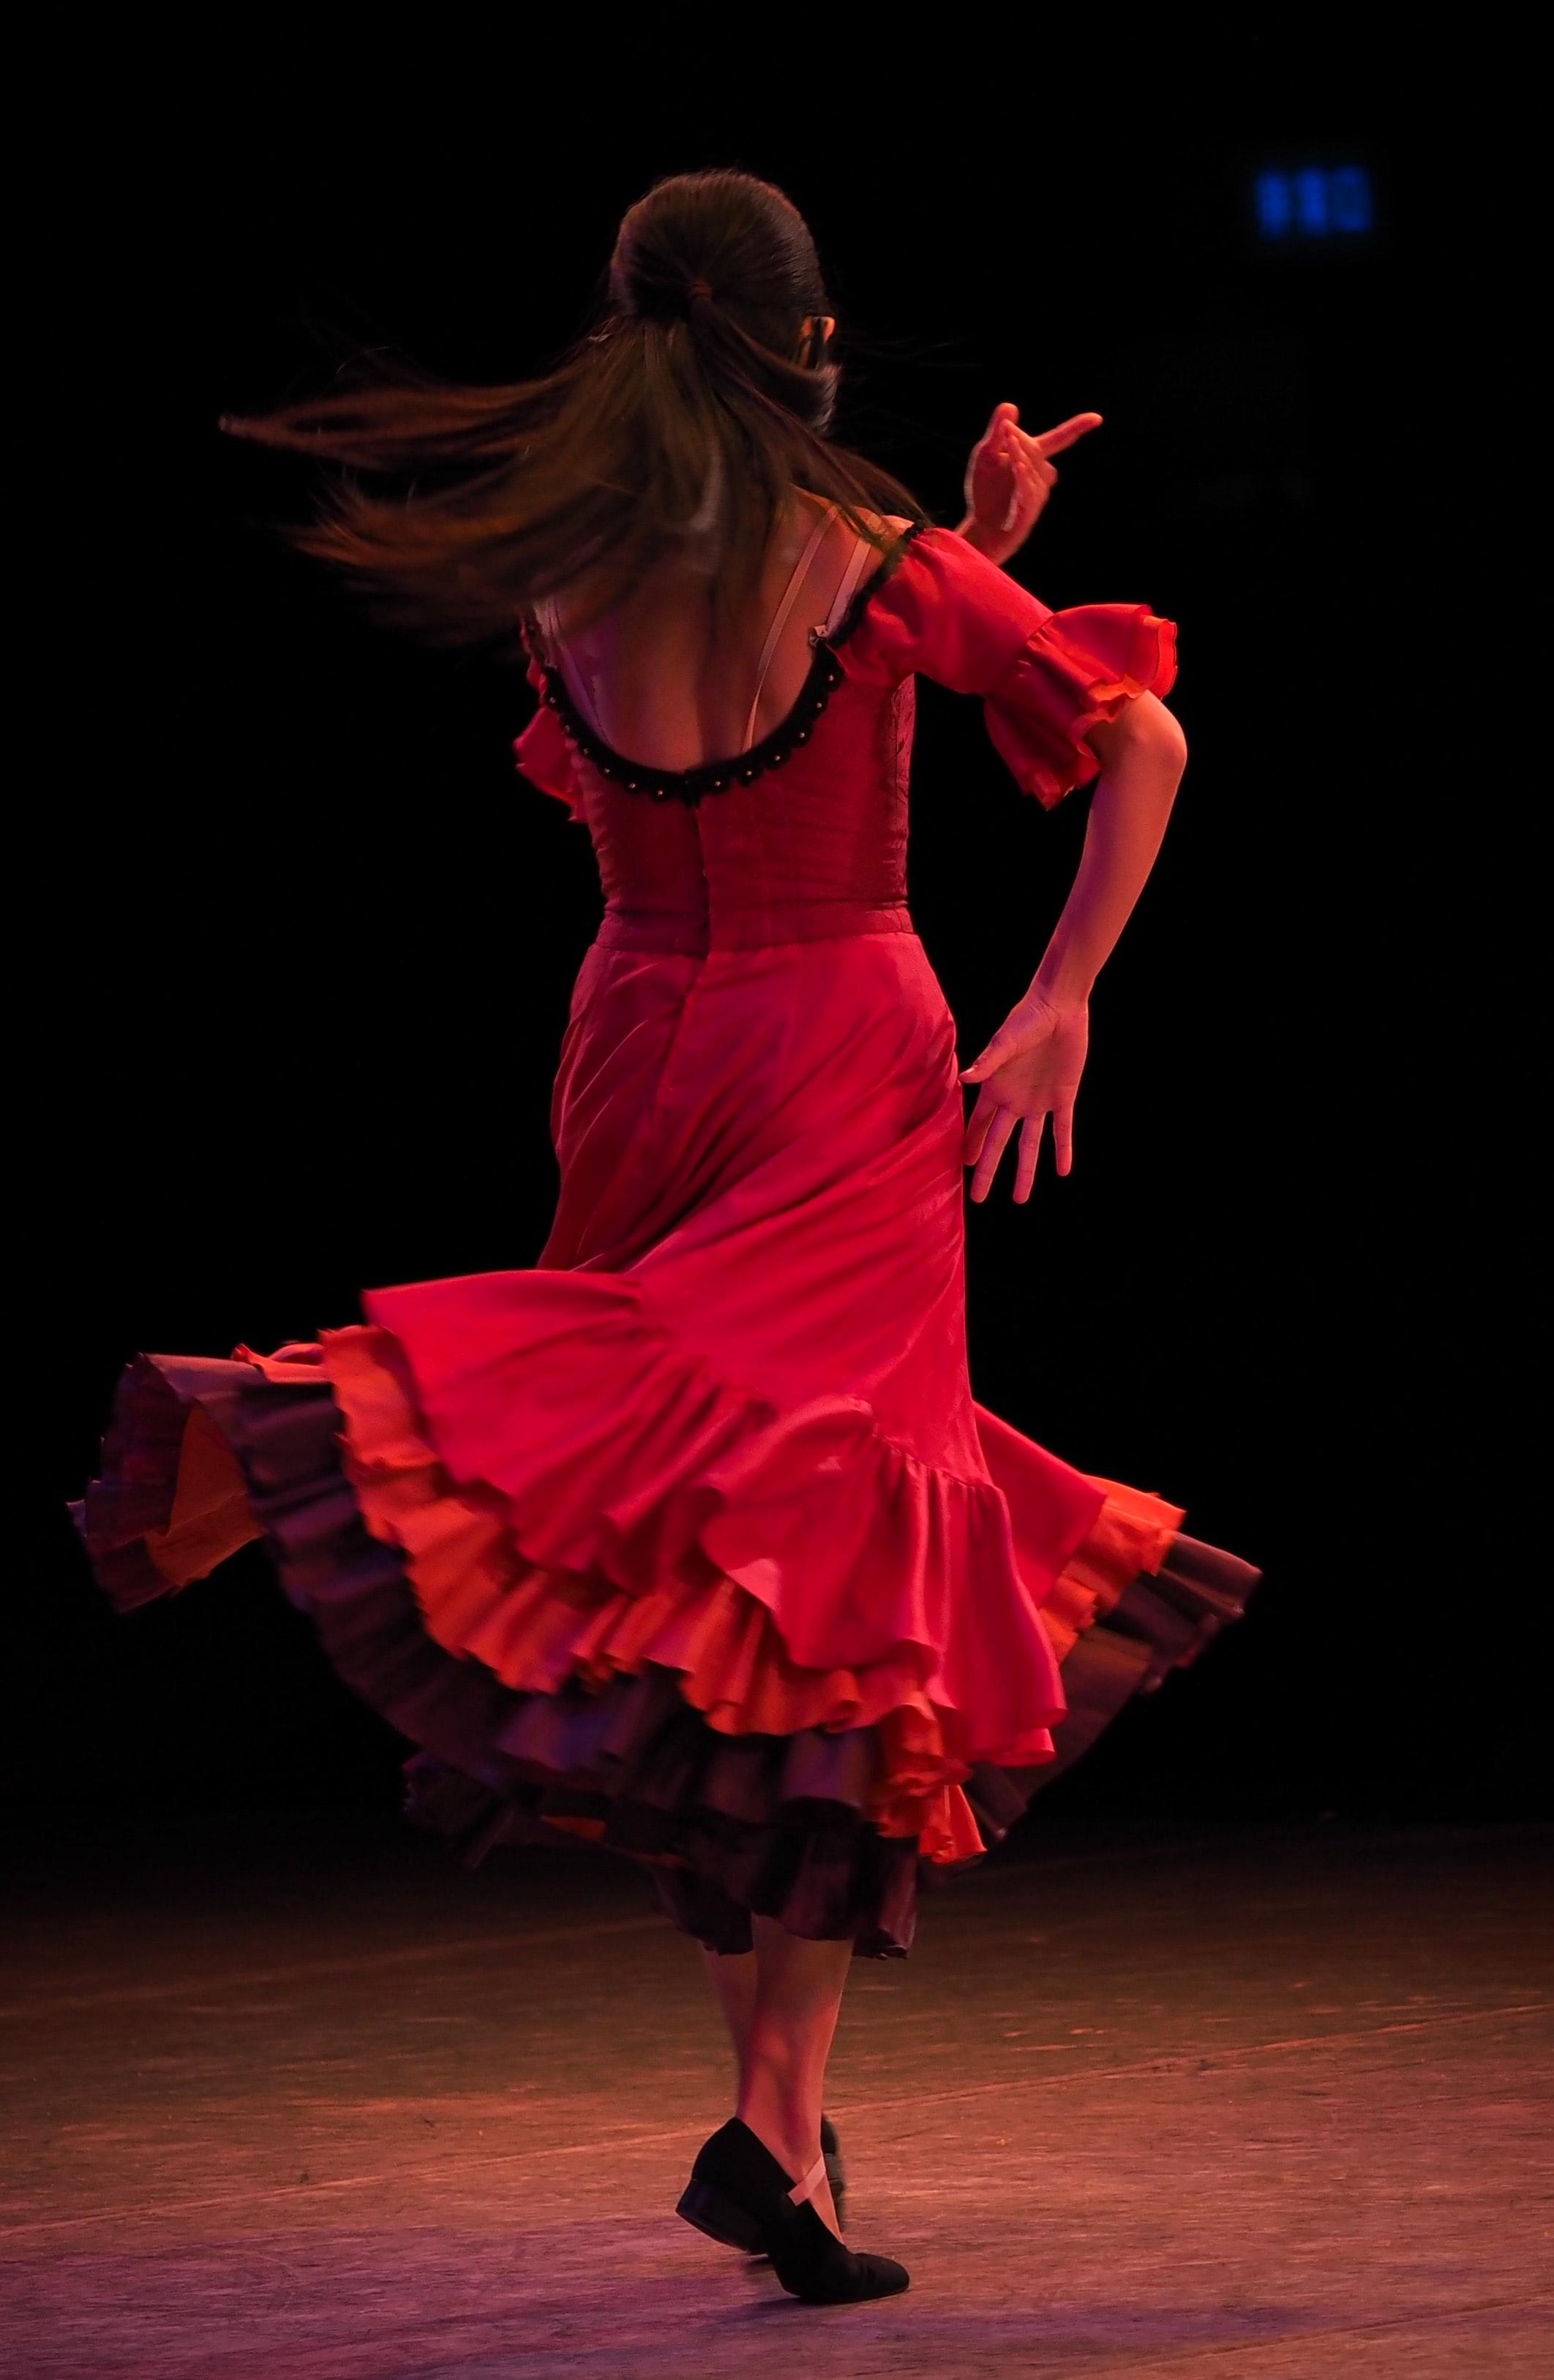 The Chicago Flamenco Festival 2021